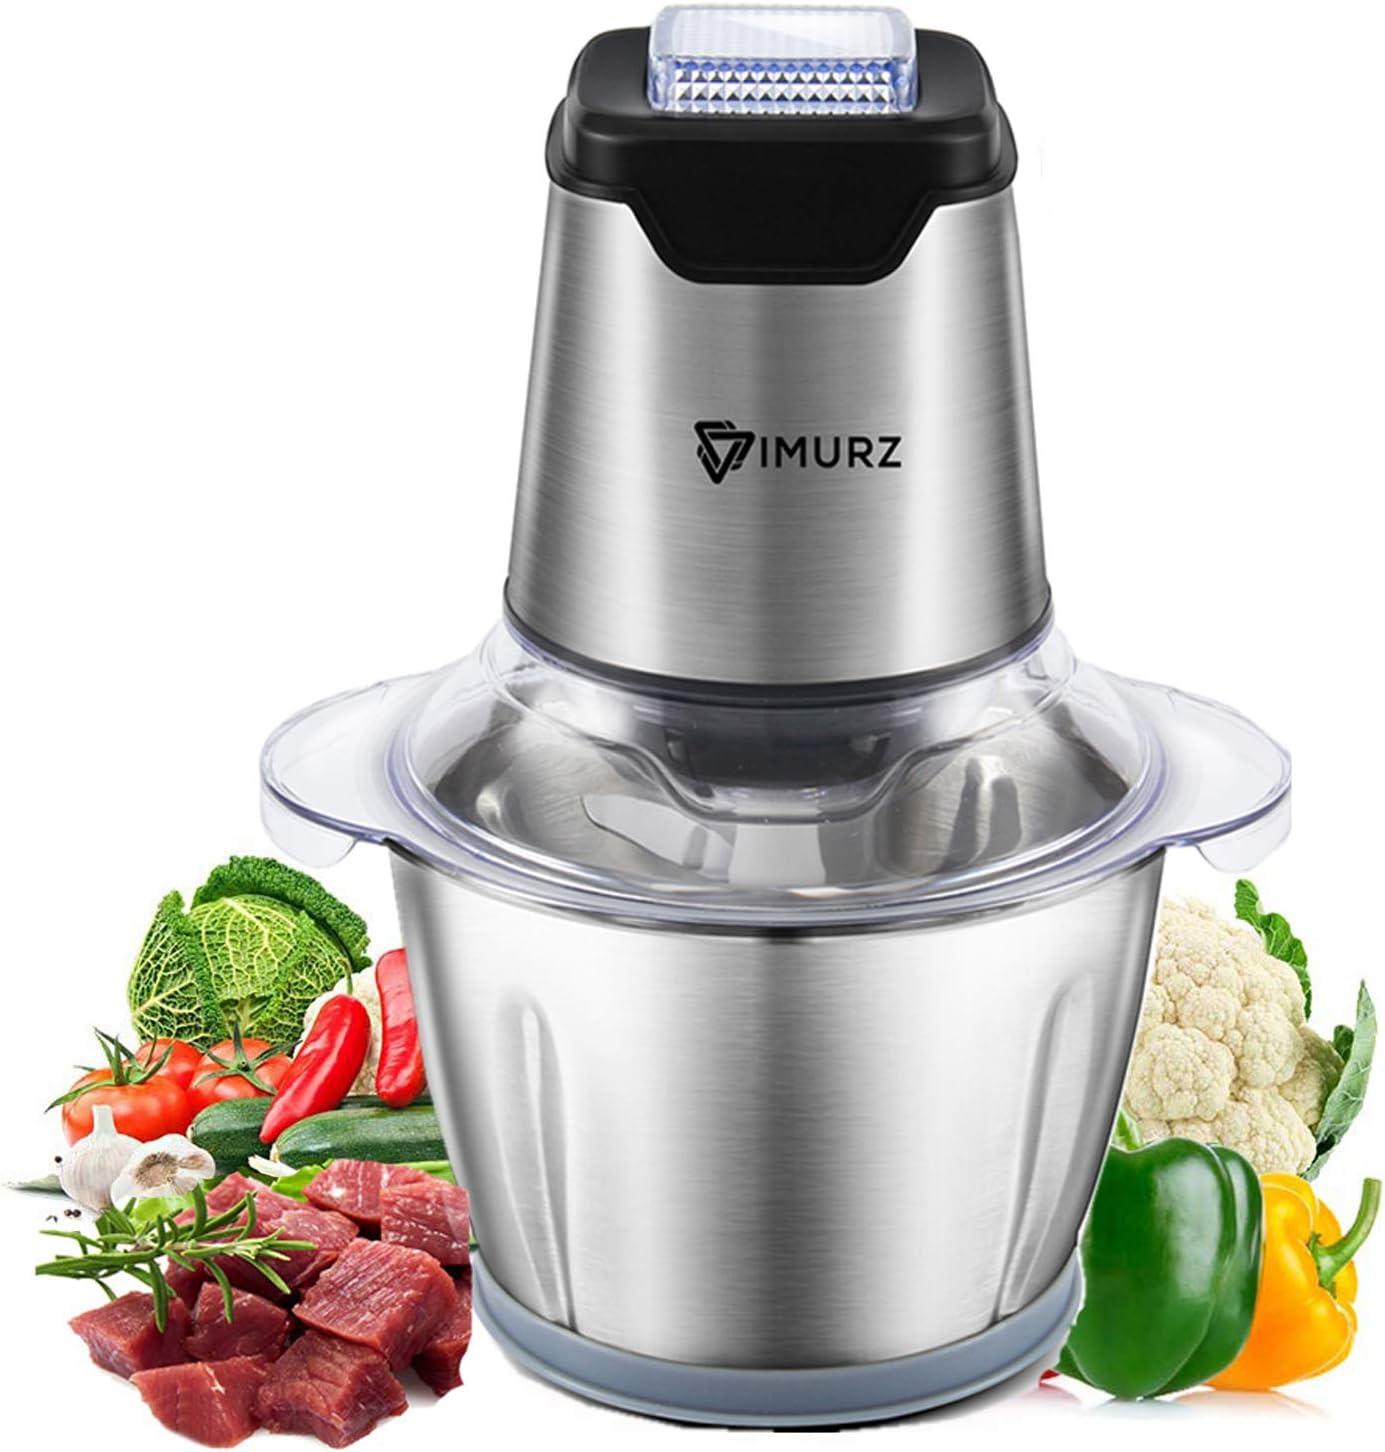 Picadora Electrica de Alimentos, 600W mini Procesador de alimentos, 4 Bi-Level Cuchillas, 1.2L Acero inoxidable cuenco, Picadora de Carne para Carne, Verduras, Frutas, Cebolla y Nueces, Baby food